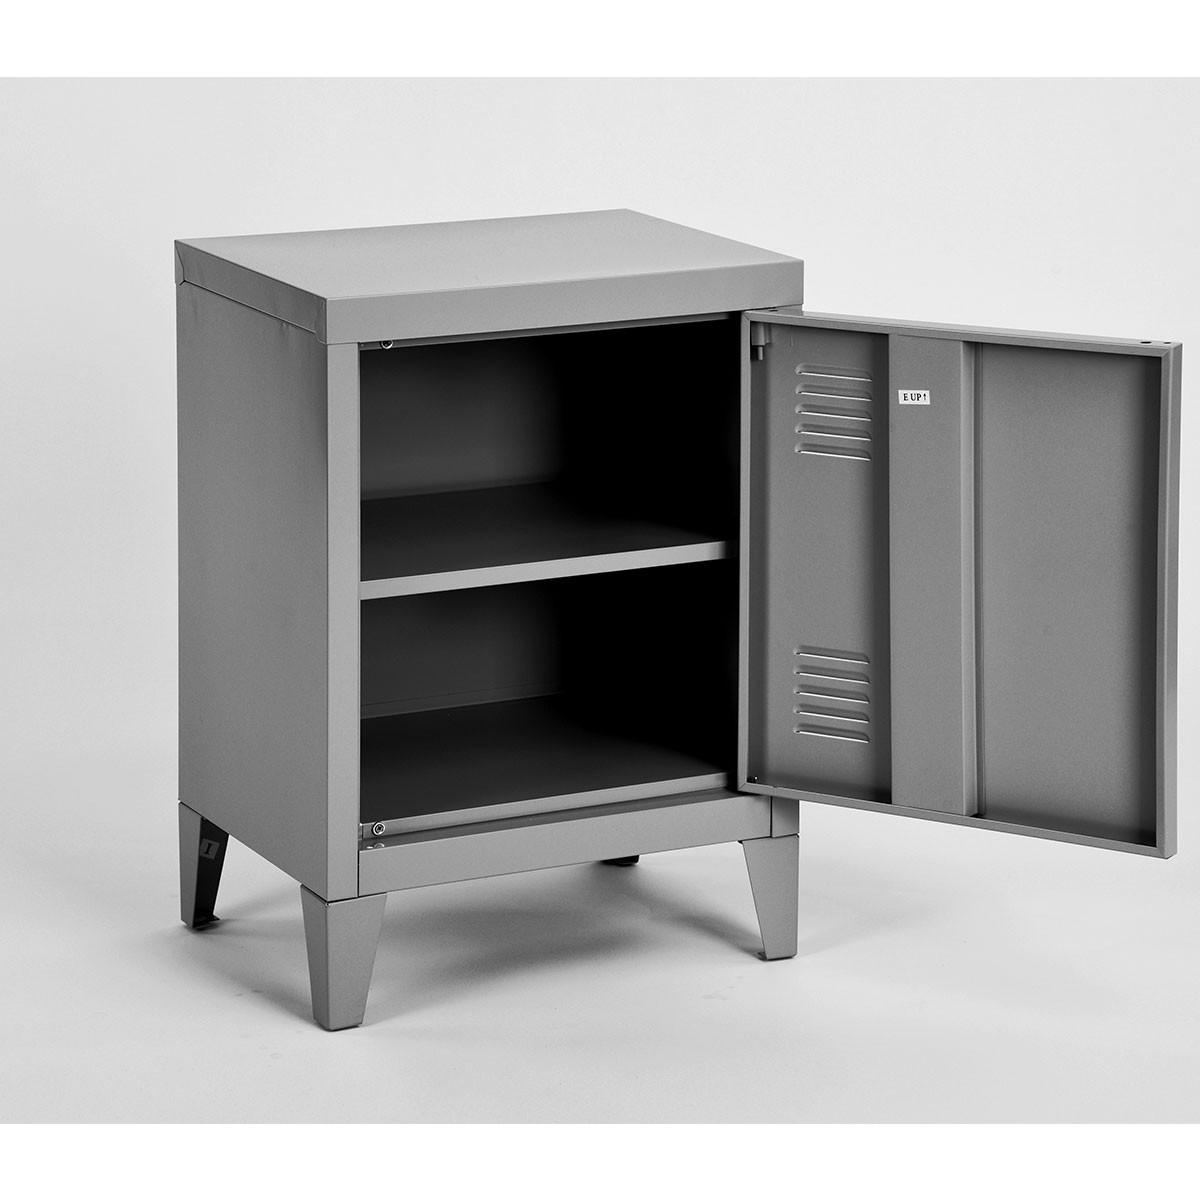 petite armoire en m tal gris. Black Bedroom Furniture Sets. Home Design Ideas